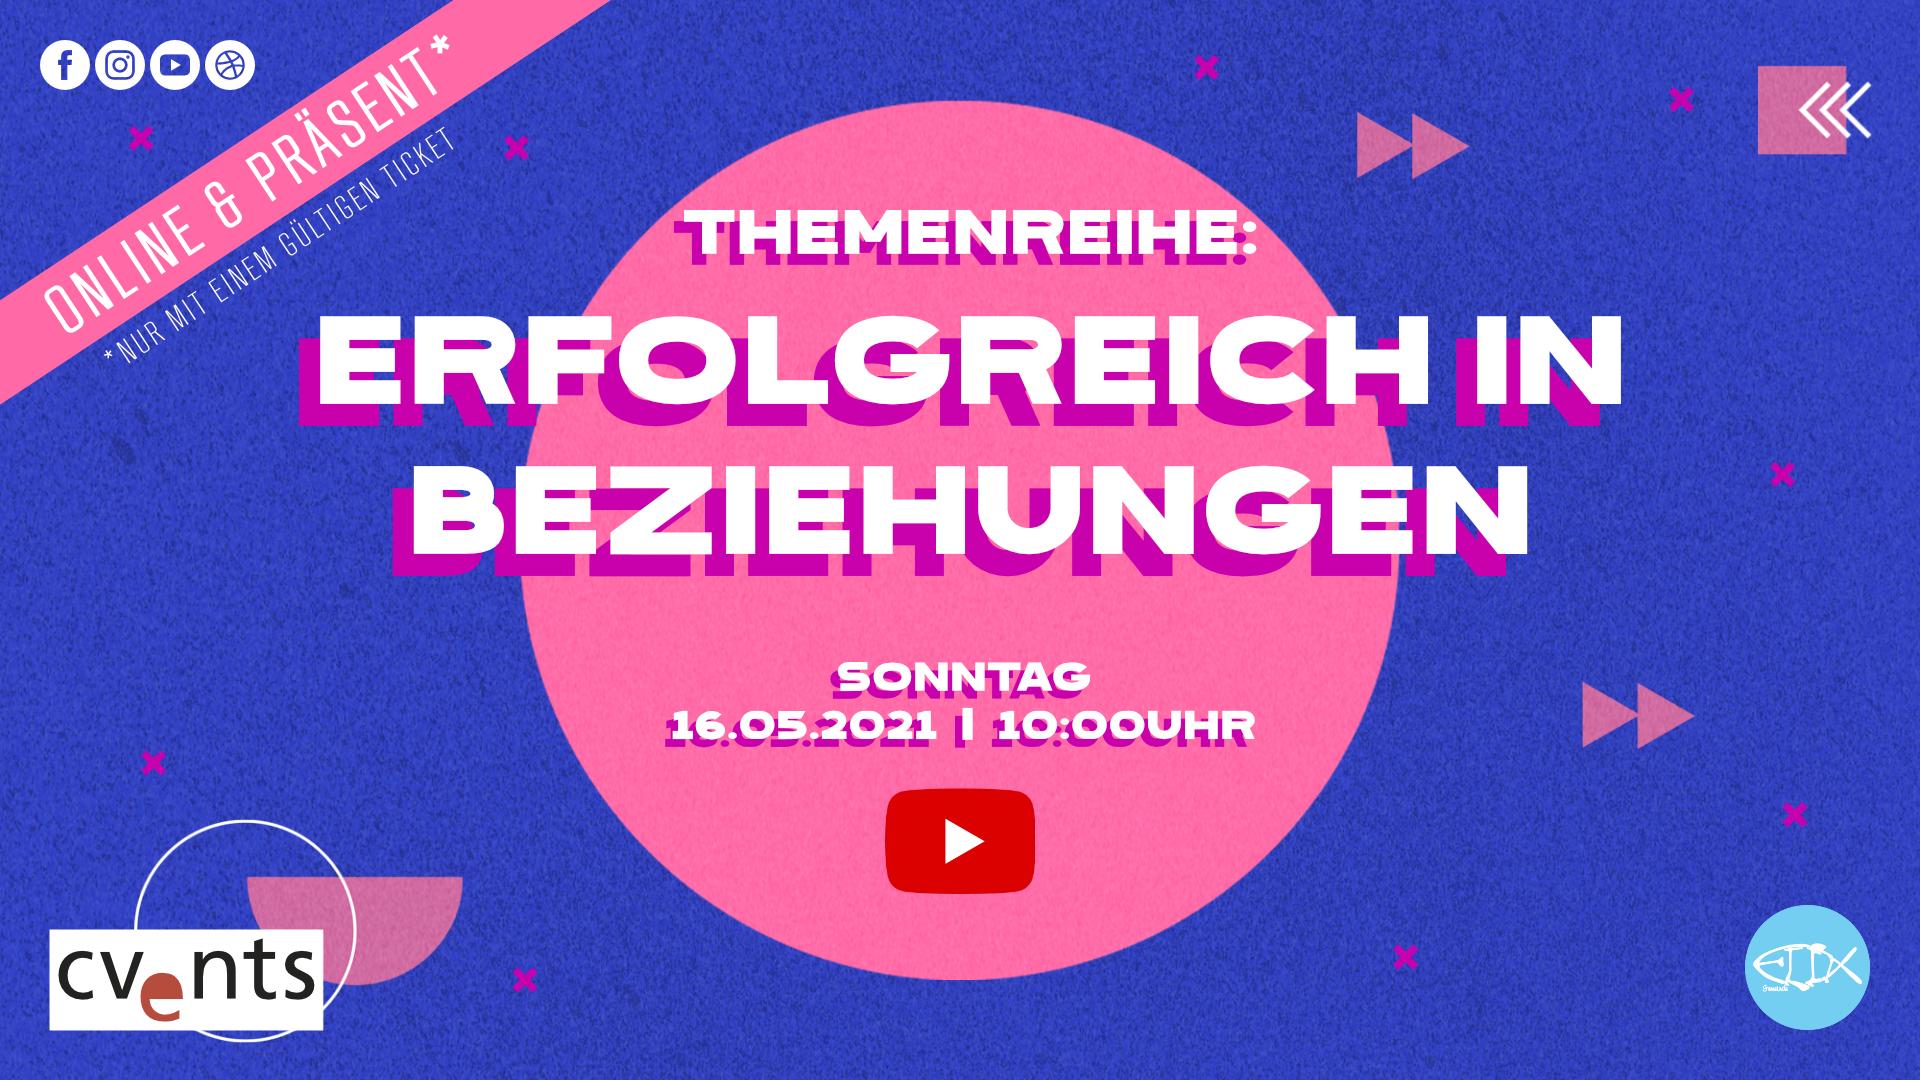 GOTTESDIENST | PRÄSENZ & ONLINE | SONNTAG | 16.05.2021 | 10:00UHR